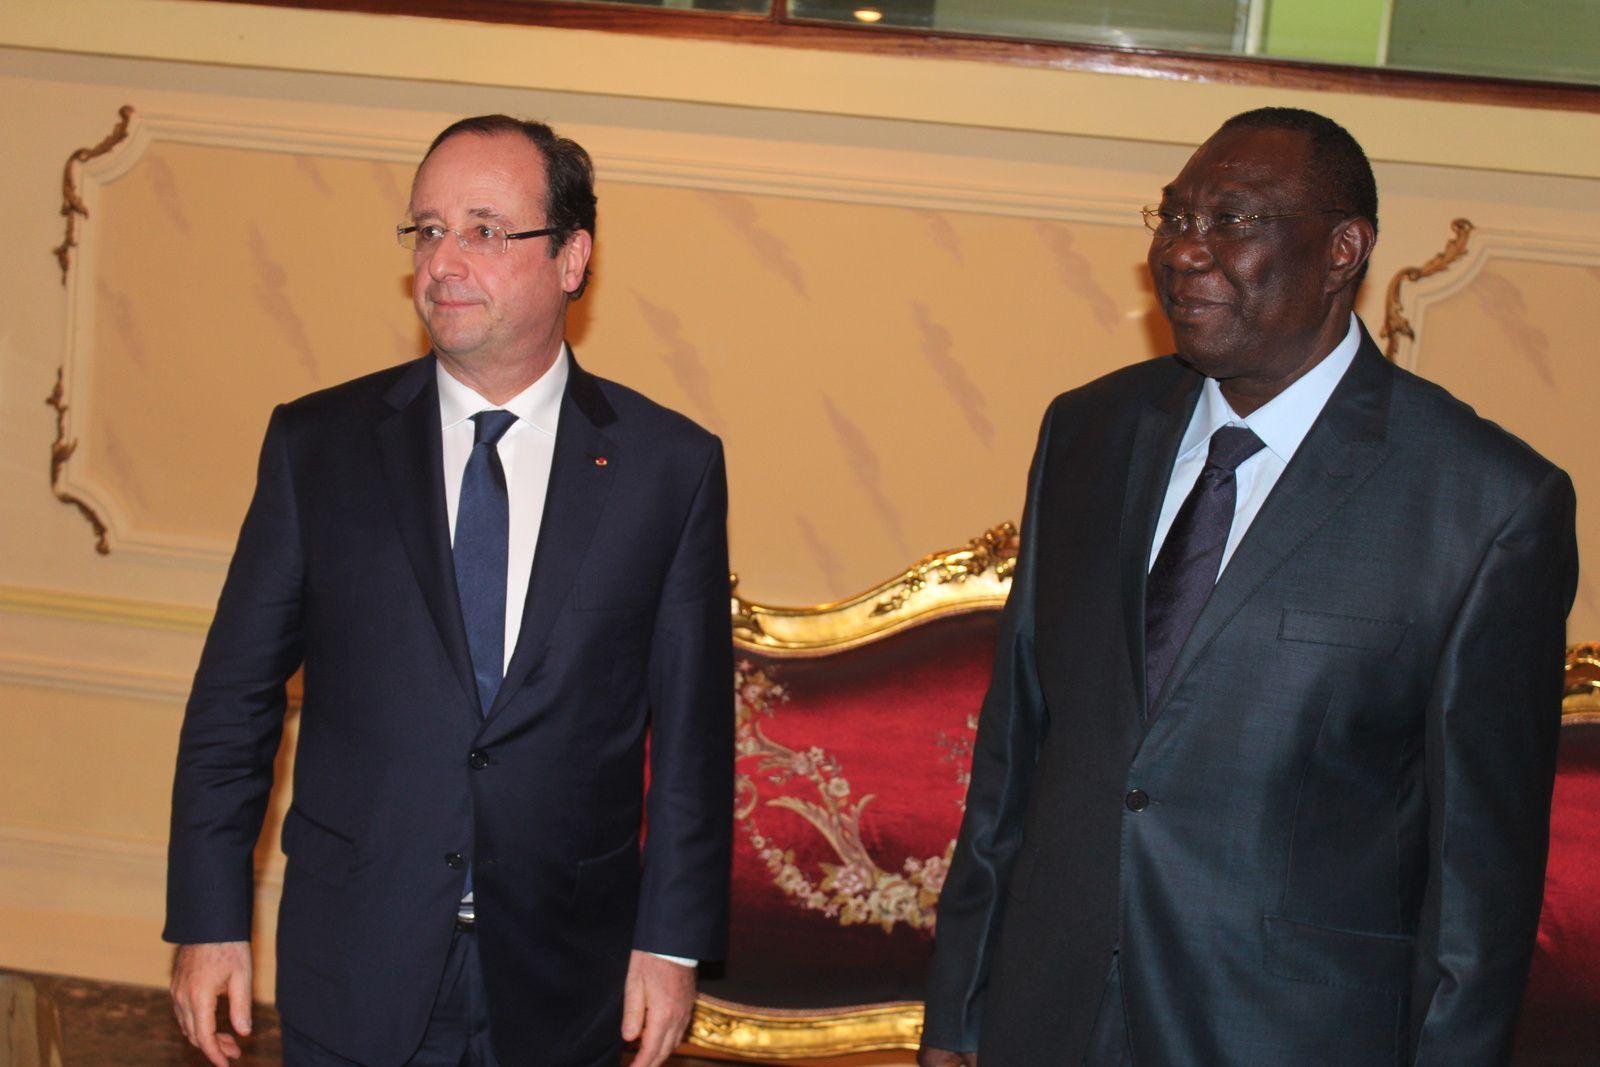 François Hollande (Président de la France) et Michel Djotodia (Président de Transition de la RCA) à Bangui, le 10 Décembre 2013